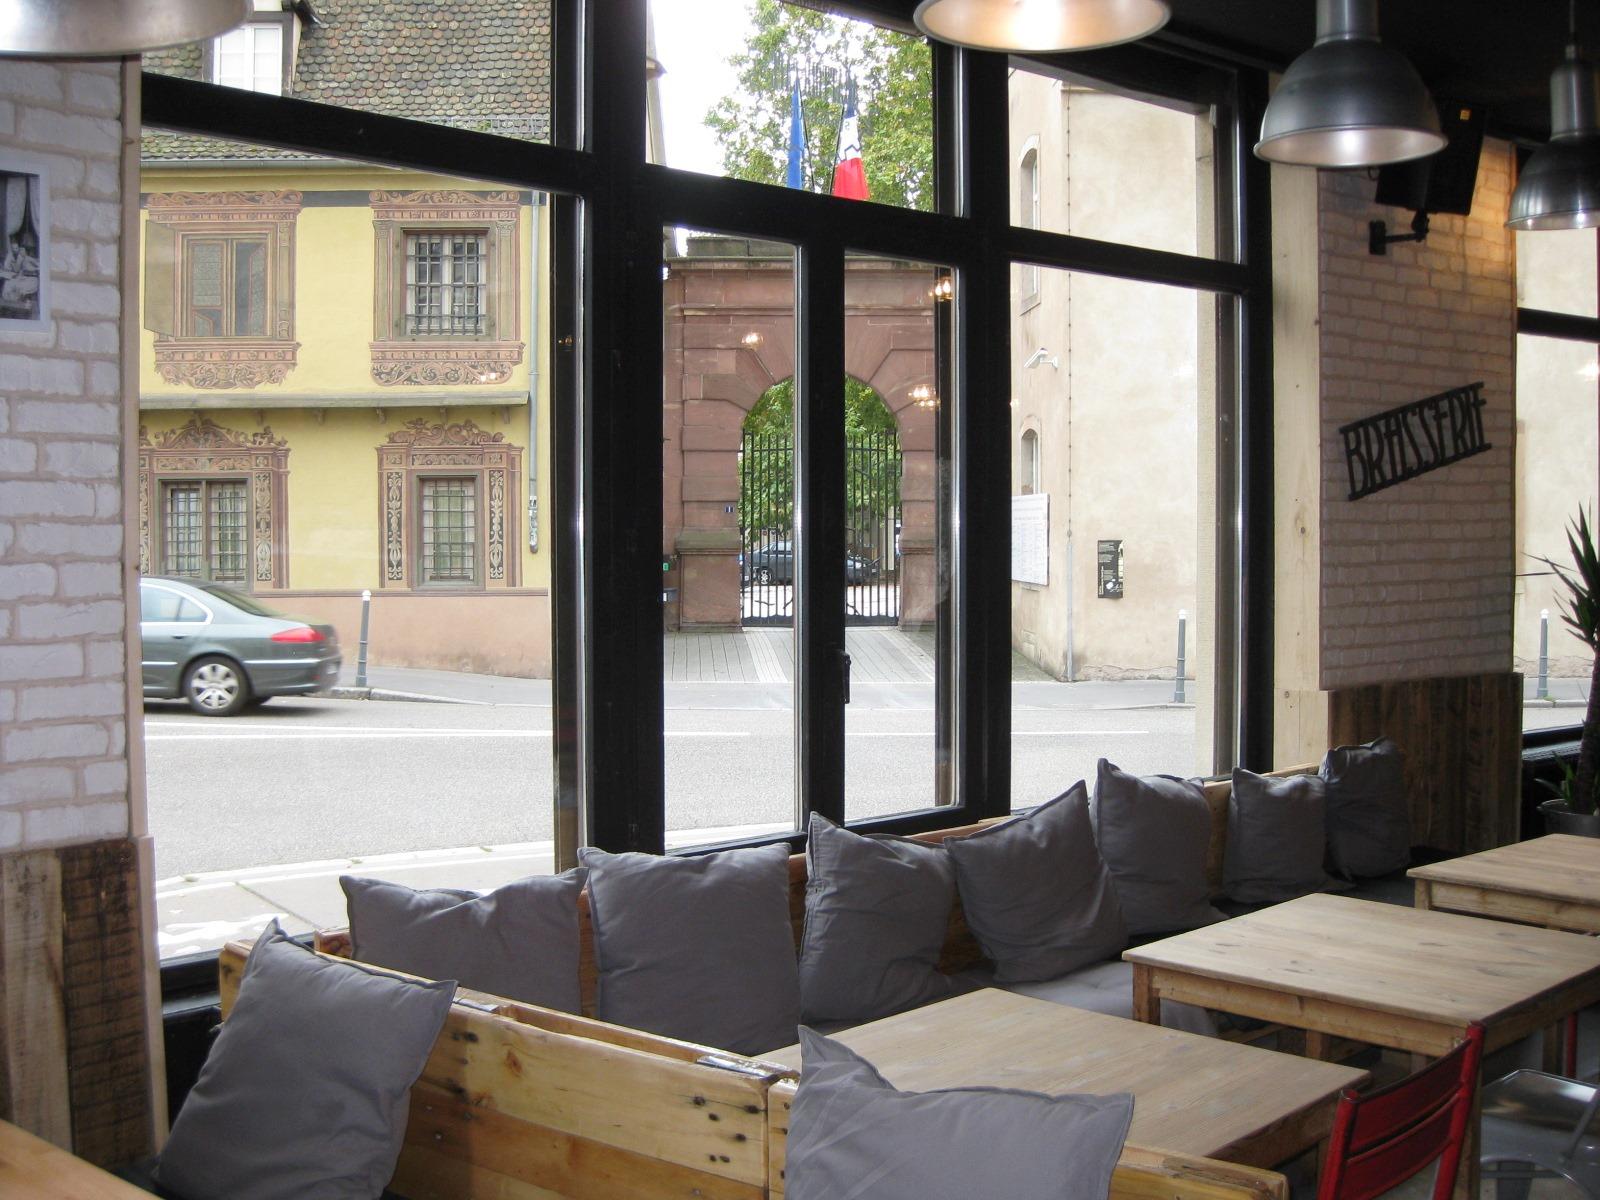 abattoir cafe bar strasbourg. Black Bedroom Furniture Sets. Home Design Ideas